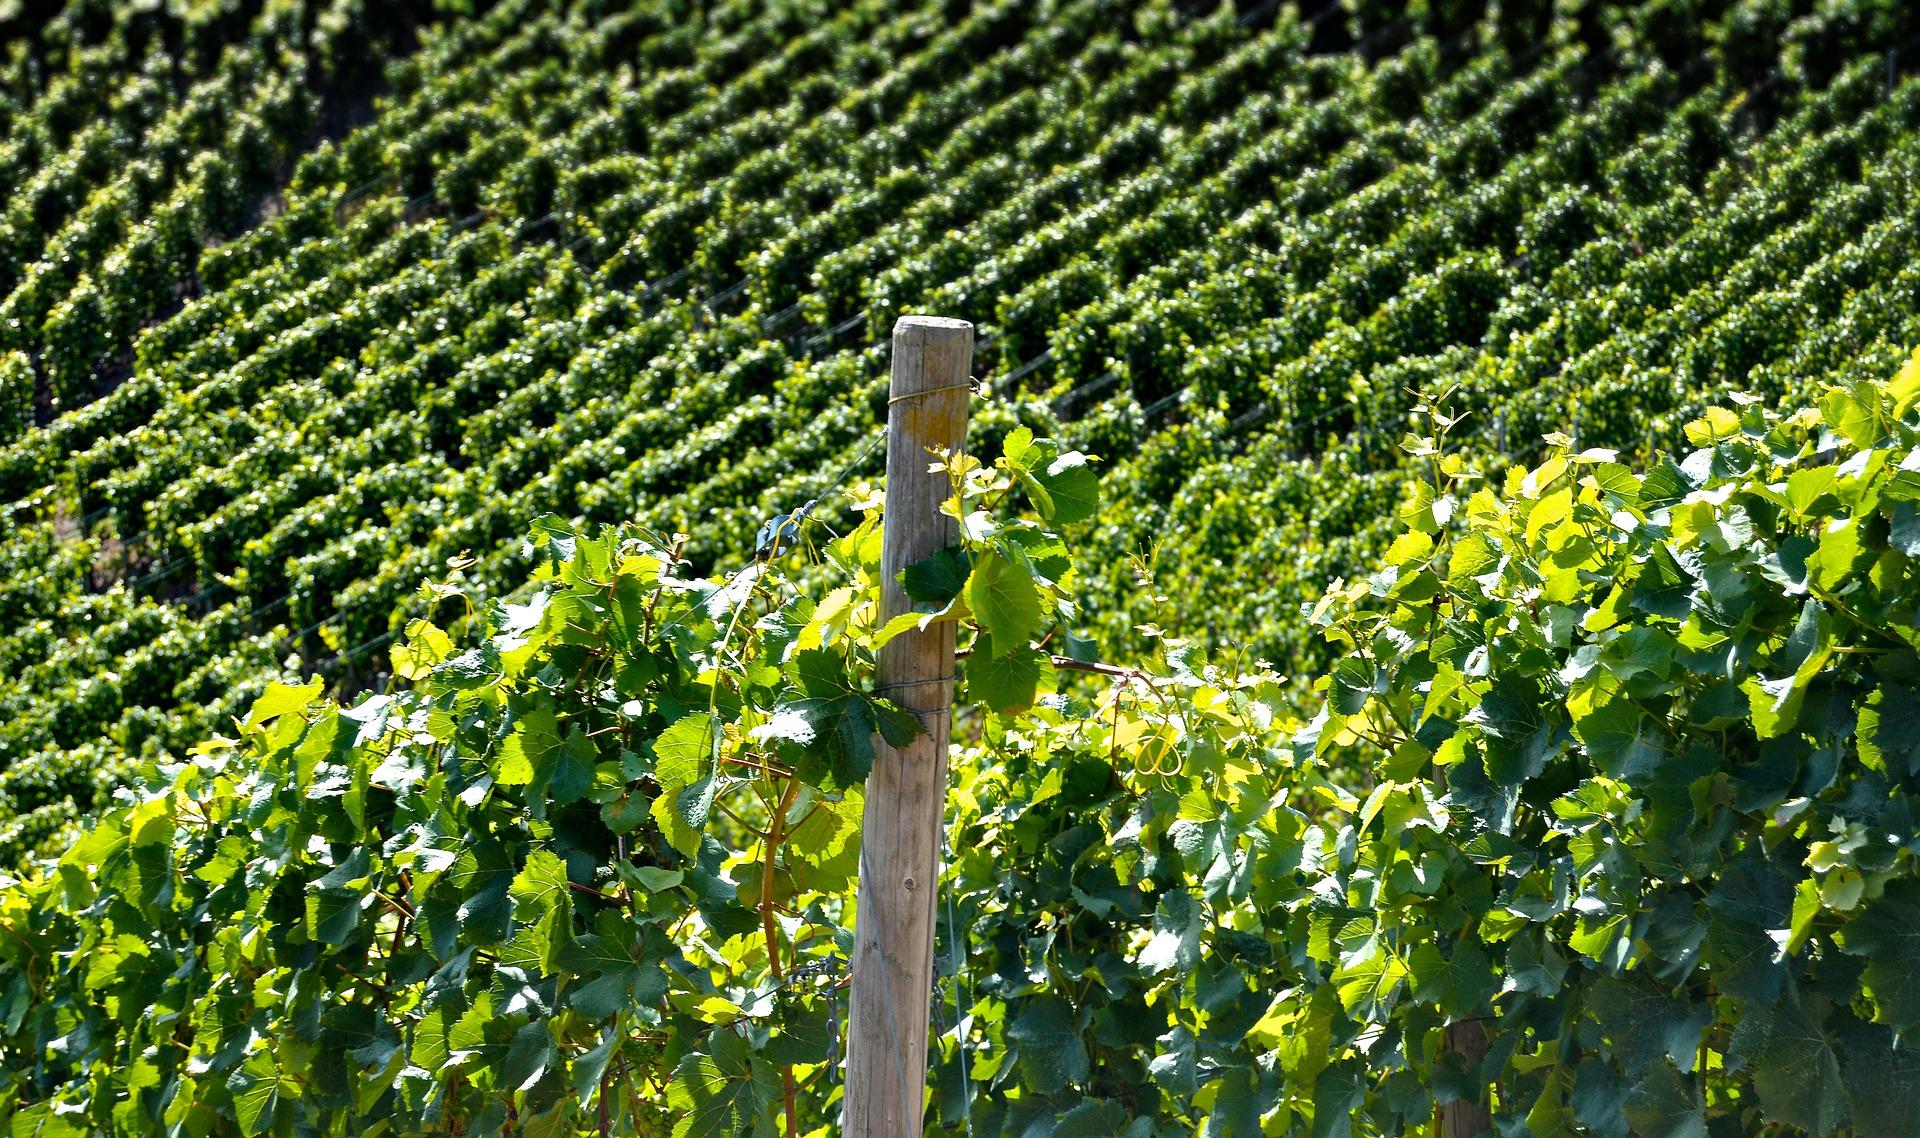 I vini per le degustazioni dei Best Of della pregiata guida dei vini Wein-Plus nascono qui, in vigneti sani e curati bene